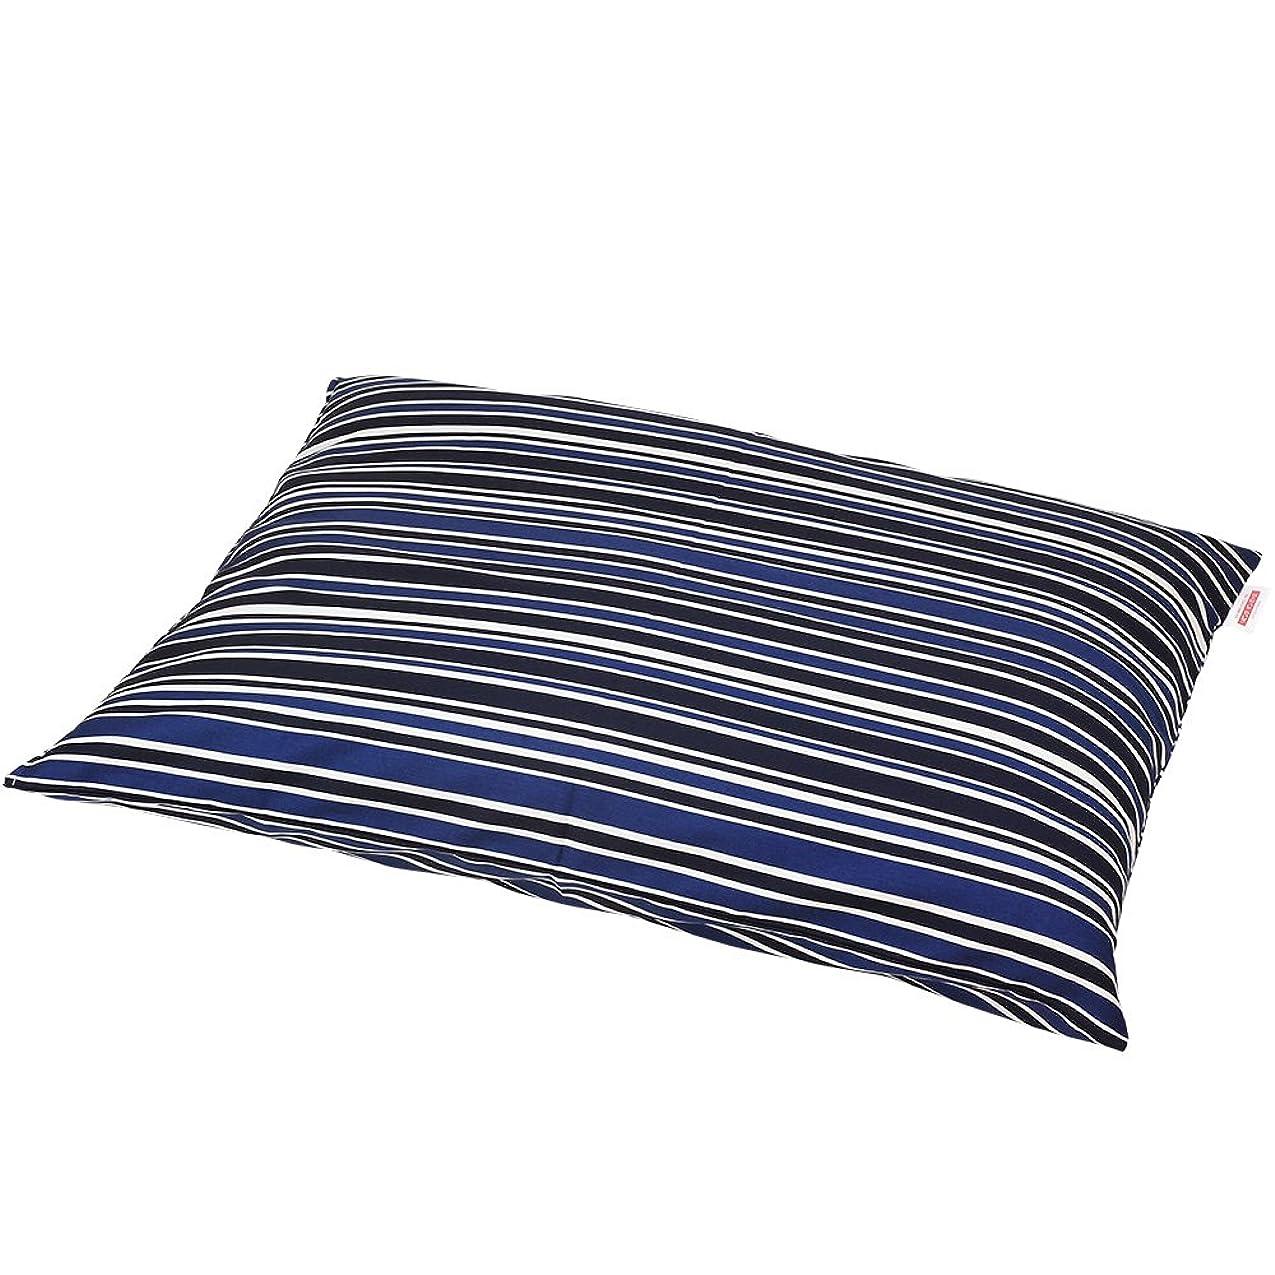 ゴムにはまって葉を拾う枕カバー 60×80cmの枕用 トリノストライプ綿100% ファスナー式 ステッチ仕上げ 日本製 枕 綿 ブルー